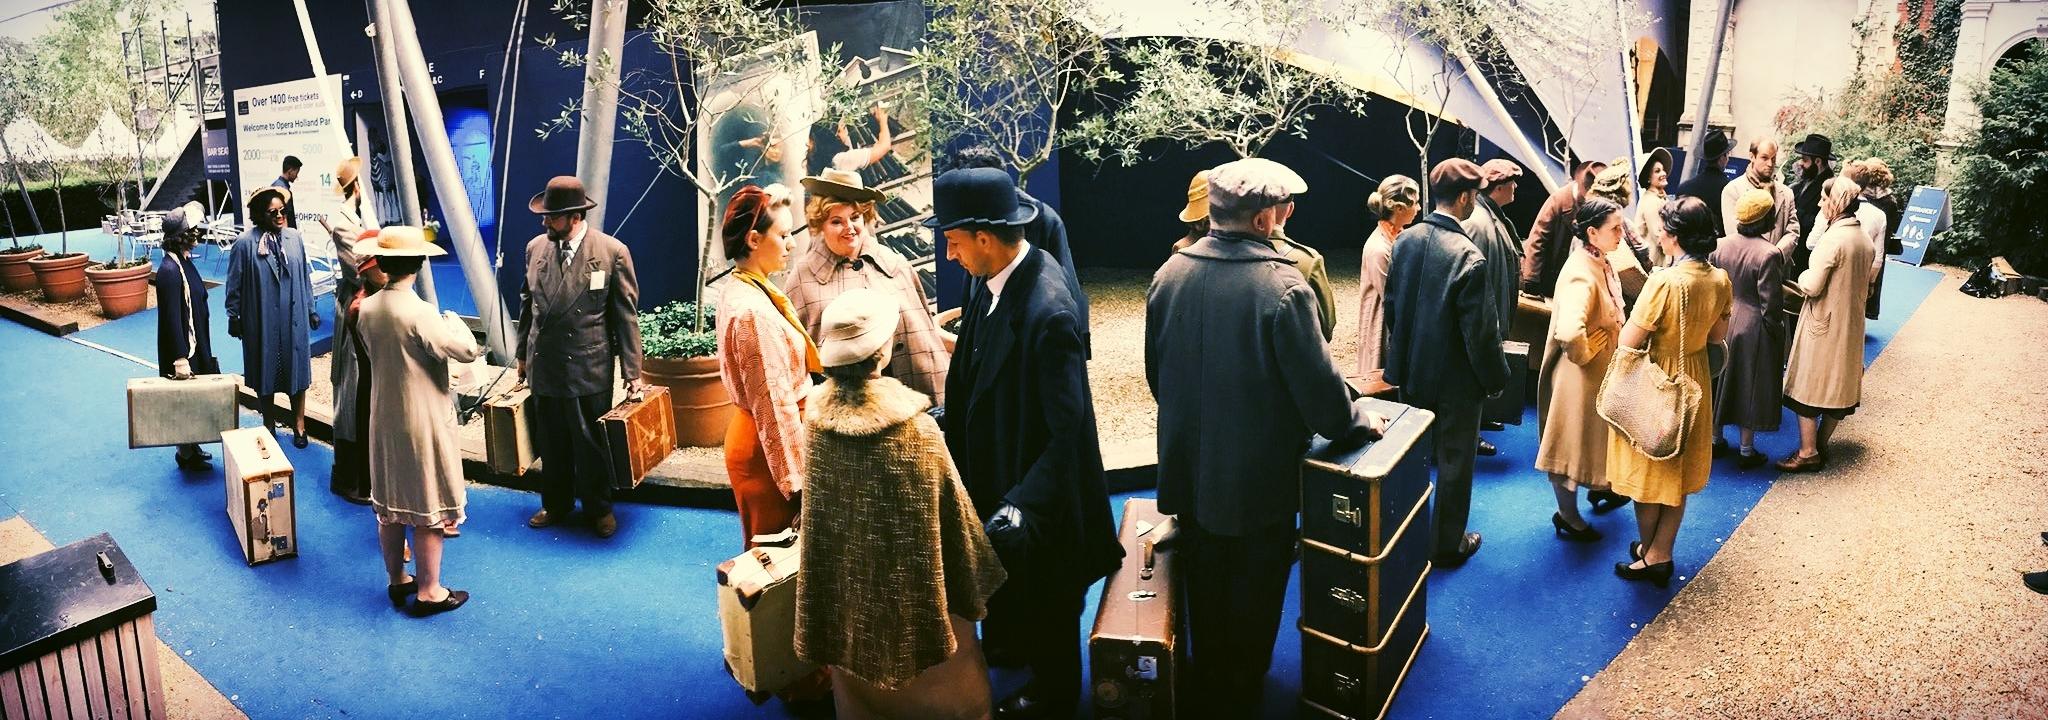 The cast prepares to board the Don Giovanni boat...